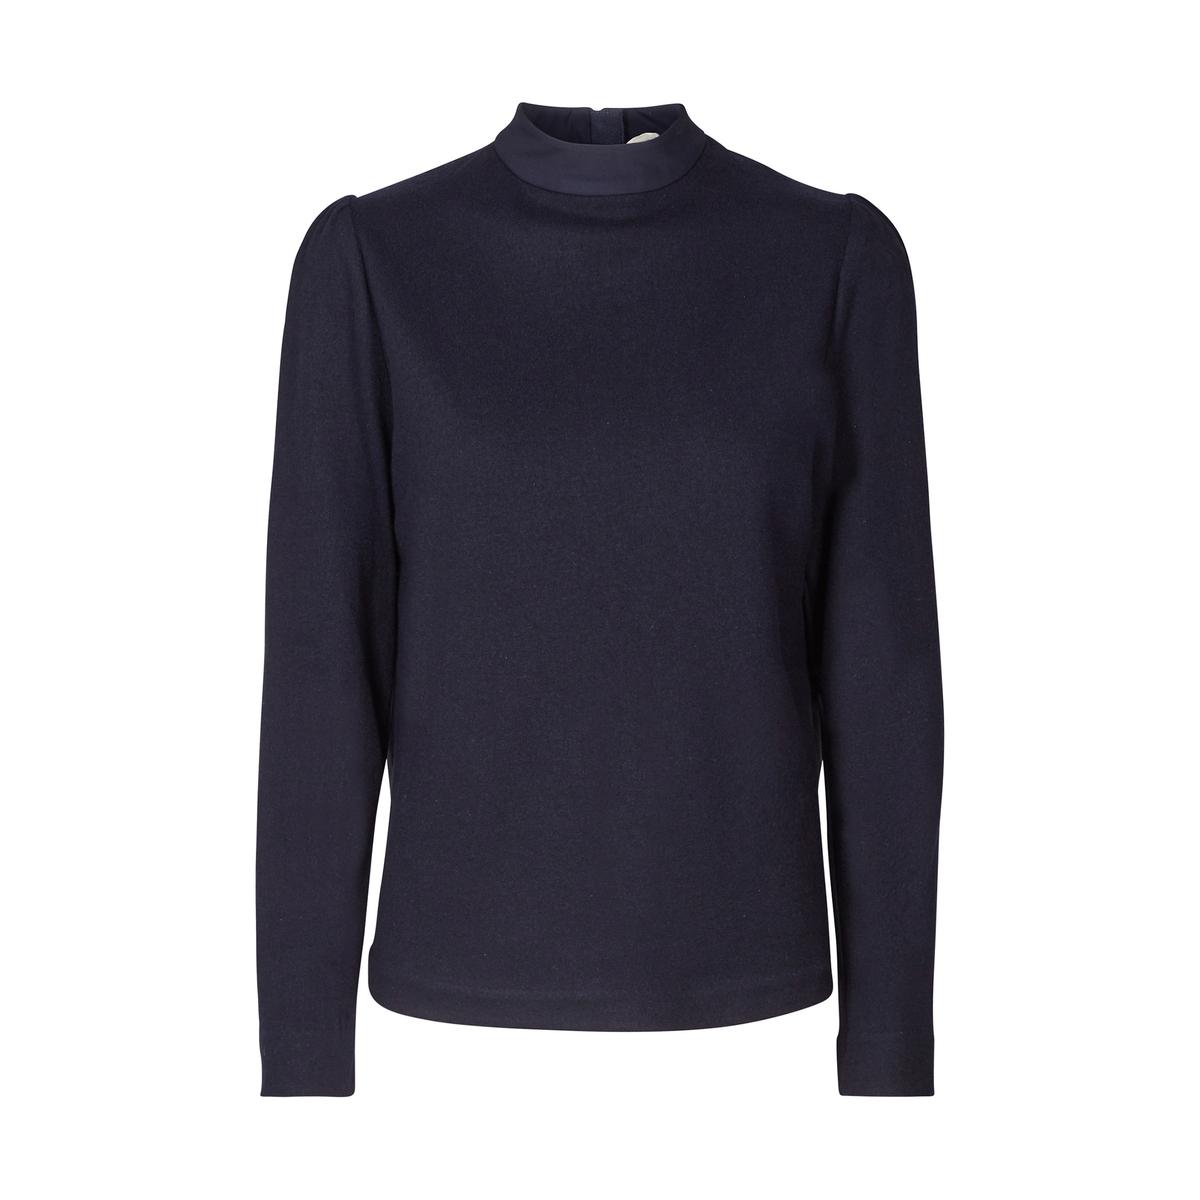 Рубашка однотонная с воротником-стойкой и длинными рукавамиДетали •  Длинные рукава •  Прямой покрой  •  Воротник-стойкаСостав и уход •  70% шерсти, 30% полиэстера •  Следуйте советам по уходу, указанным на этикетке<br><br>Цвет: синий морской